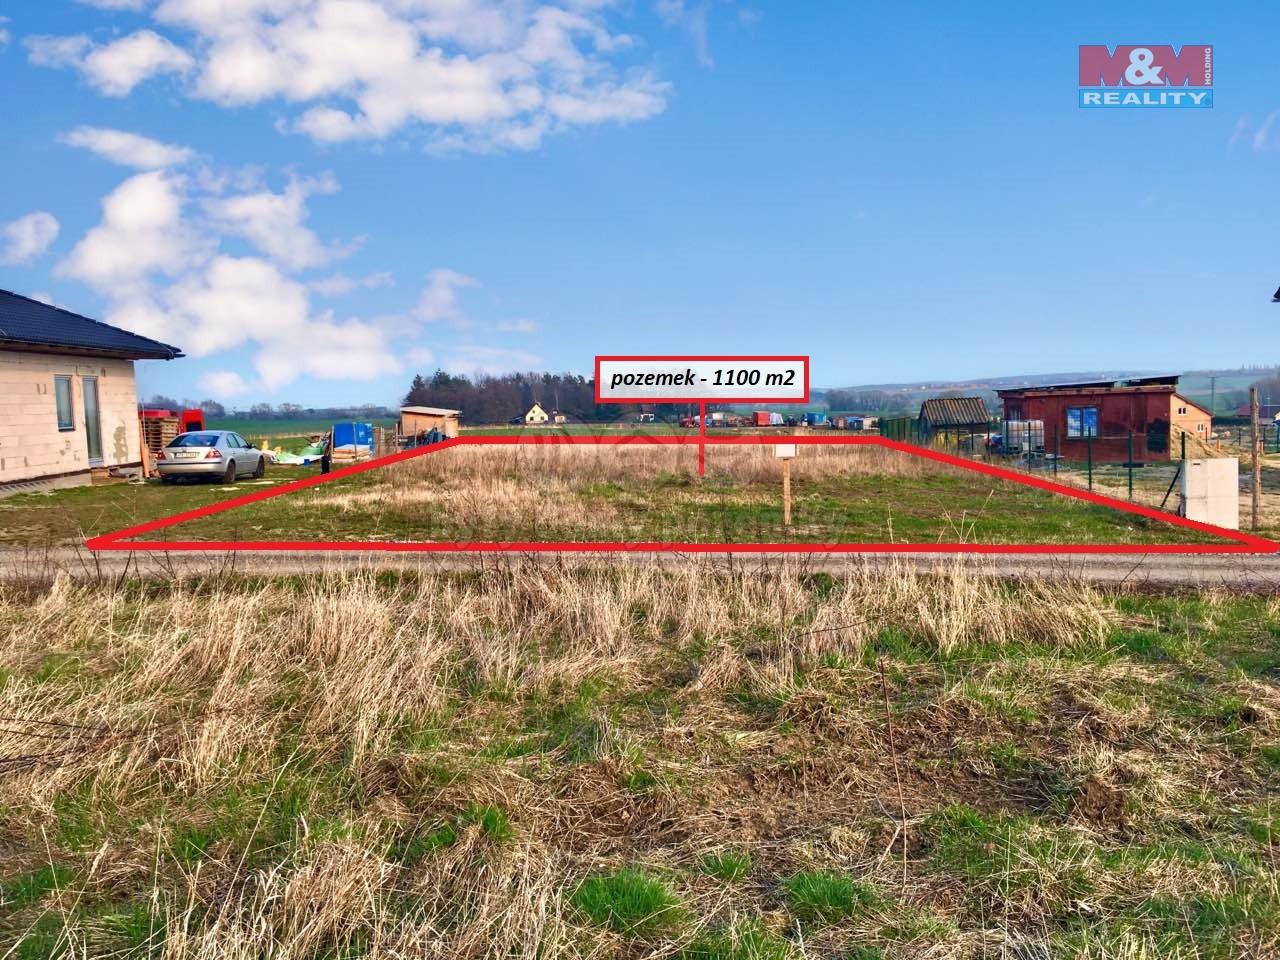 Prodej, stavební pozemek, 1100 m2 Heřmanova Huť- Vlkýš